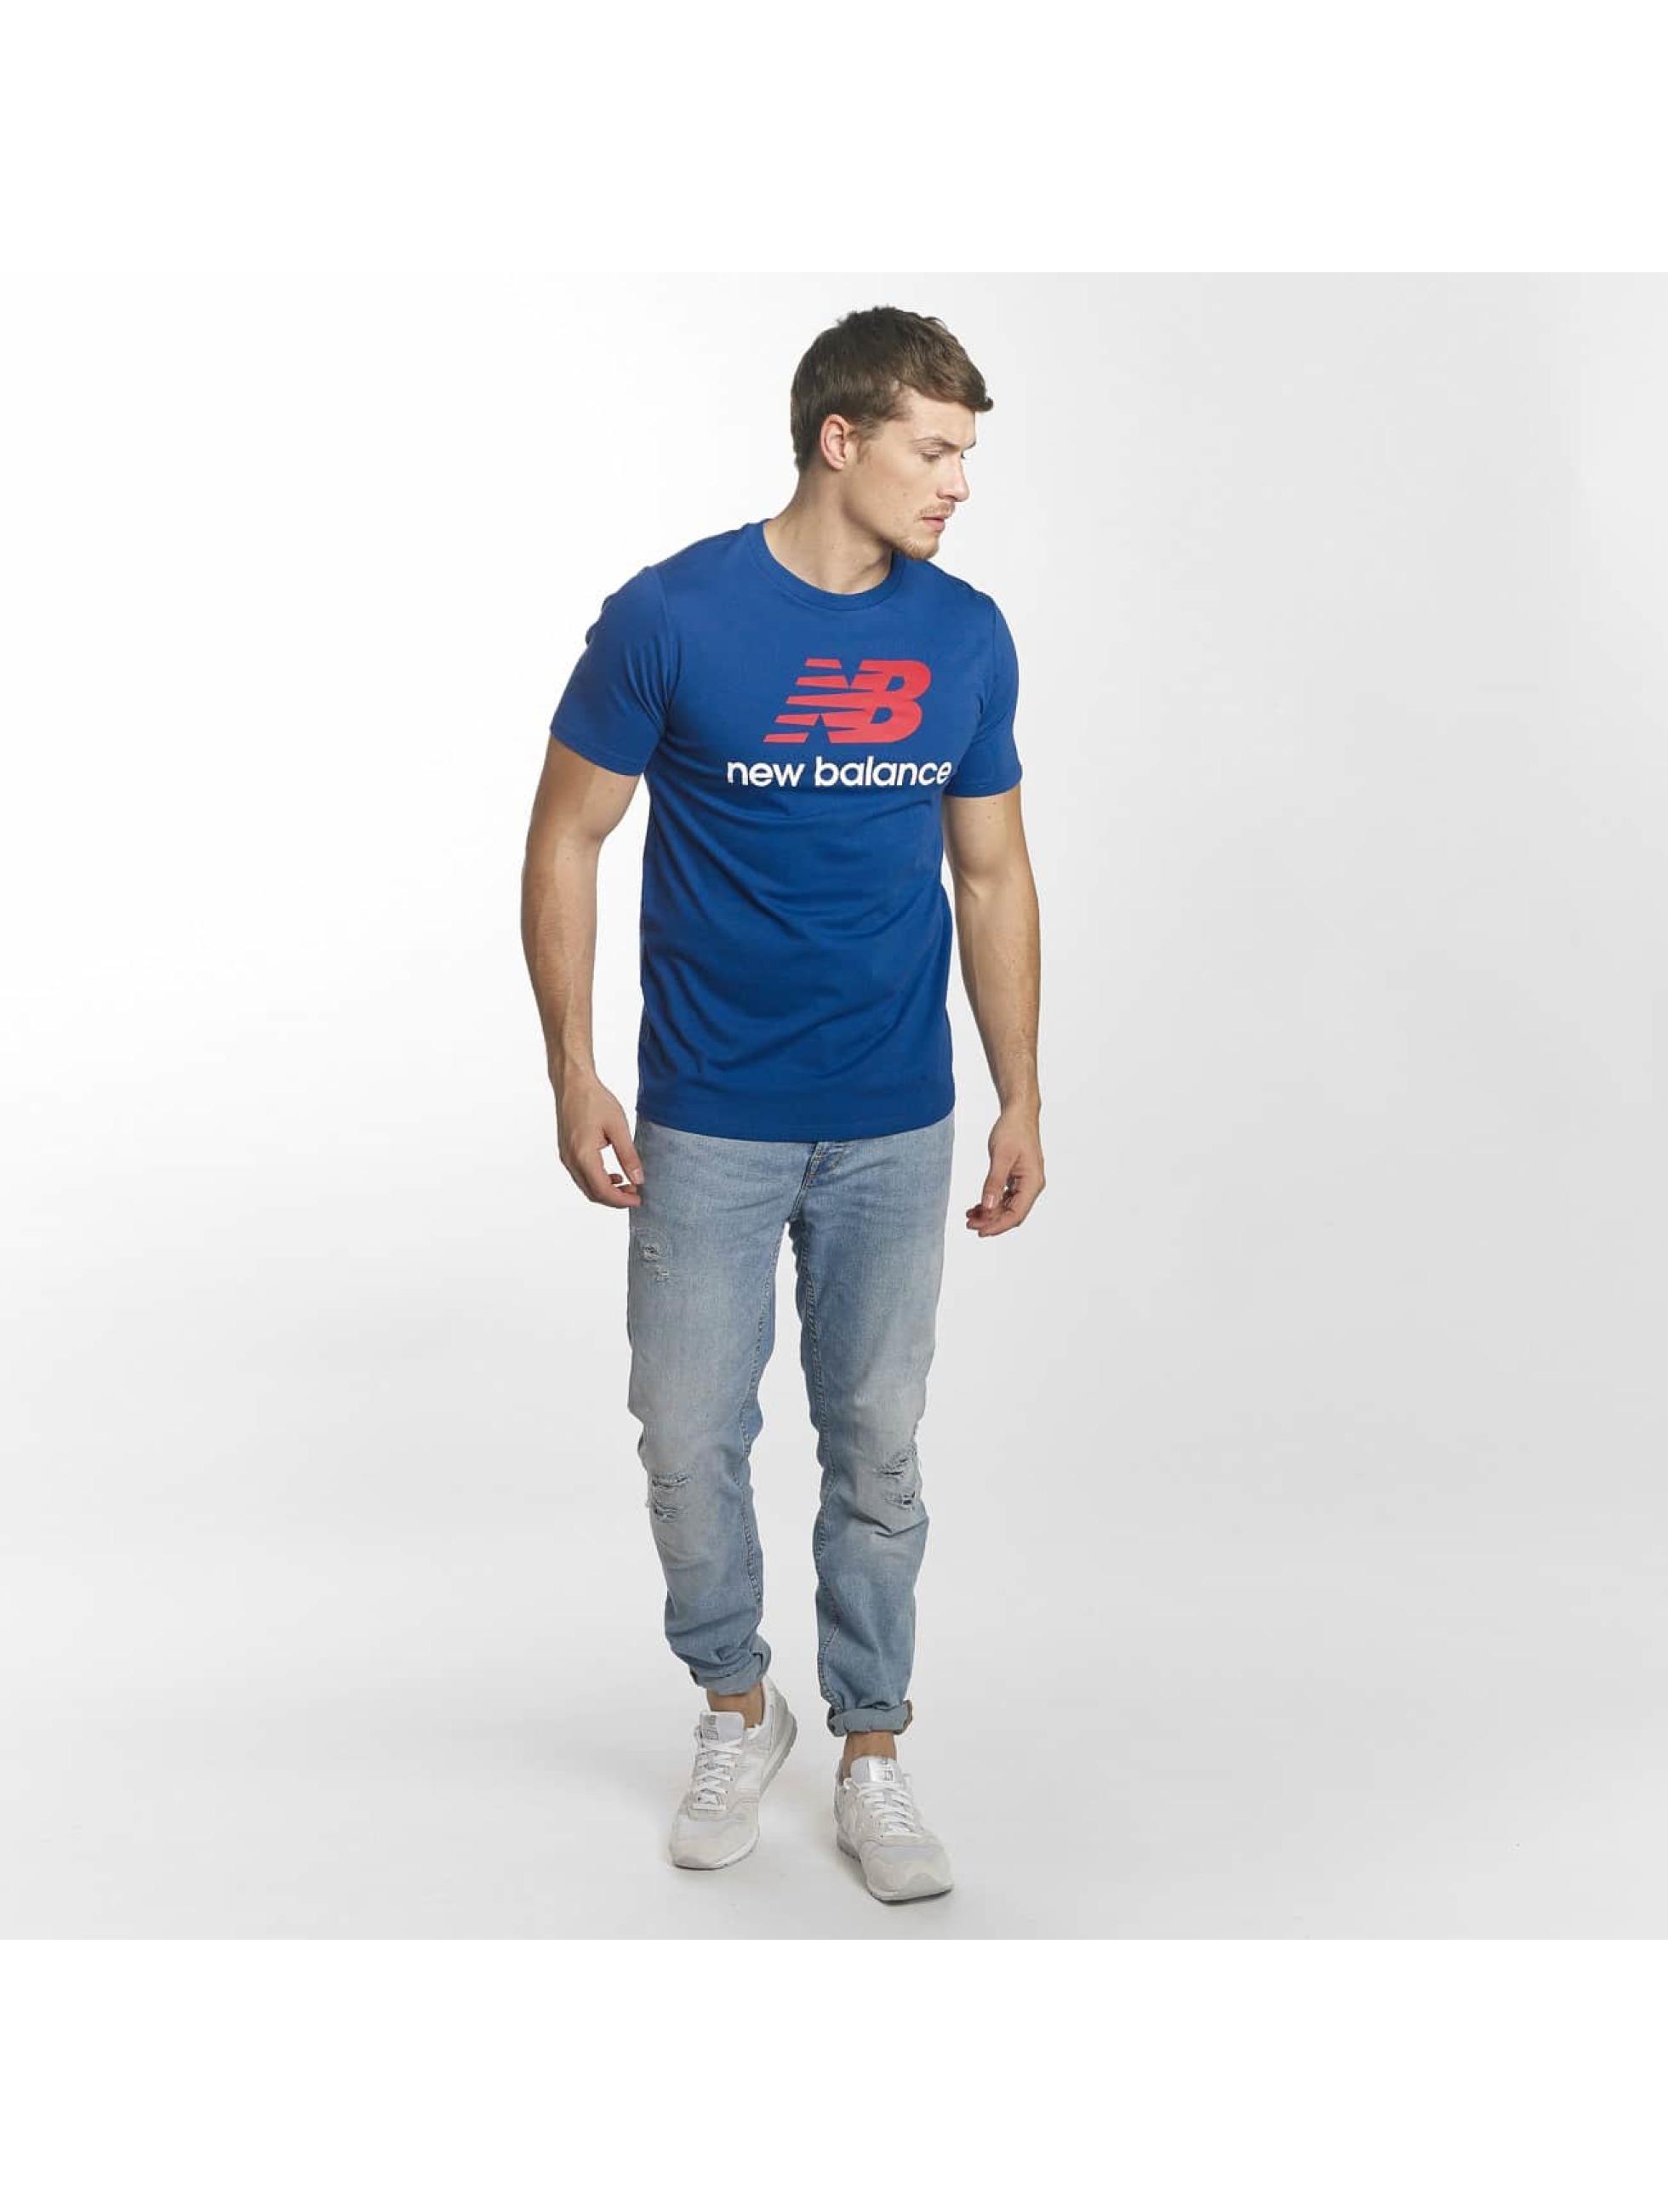 New Balance T-Shirt MT73587 Essentials bleu